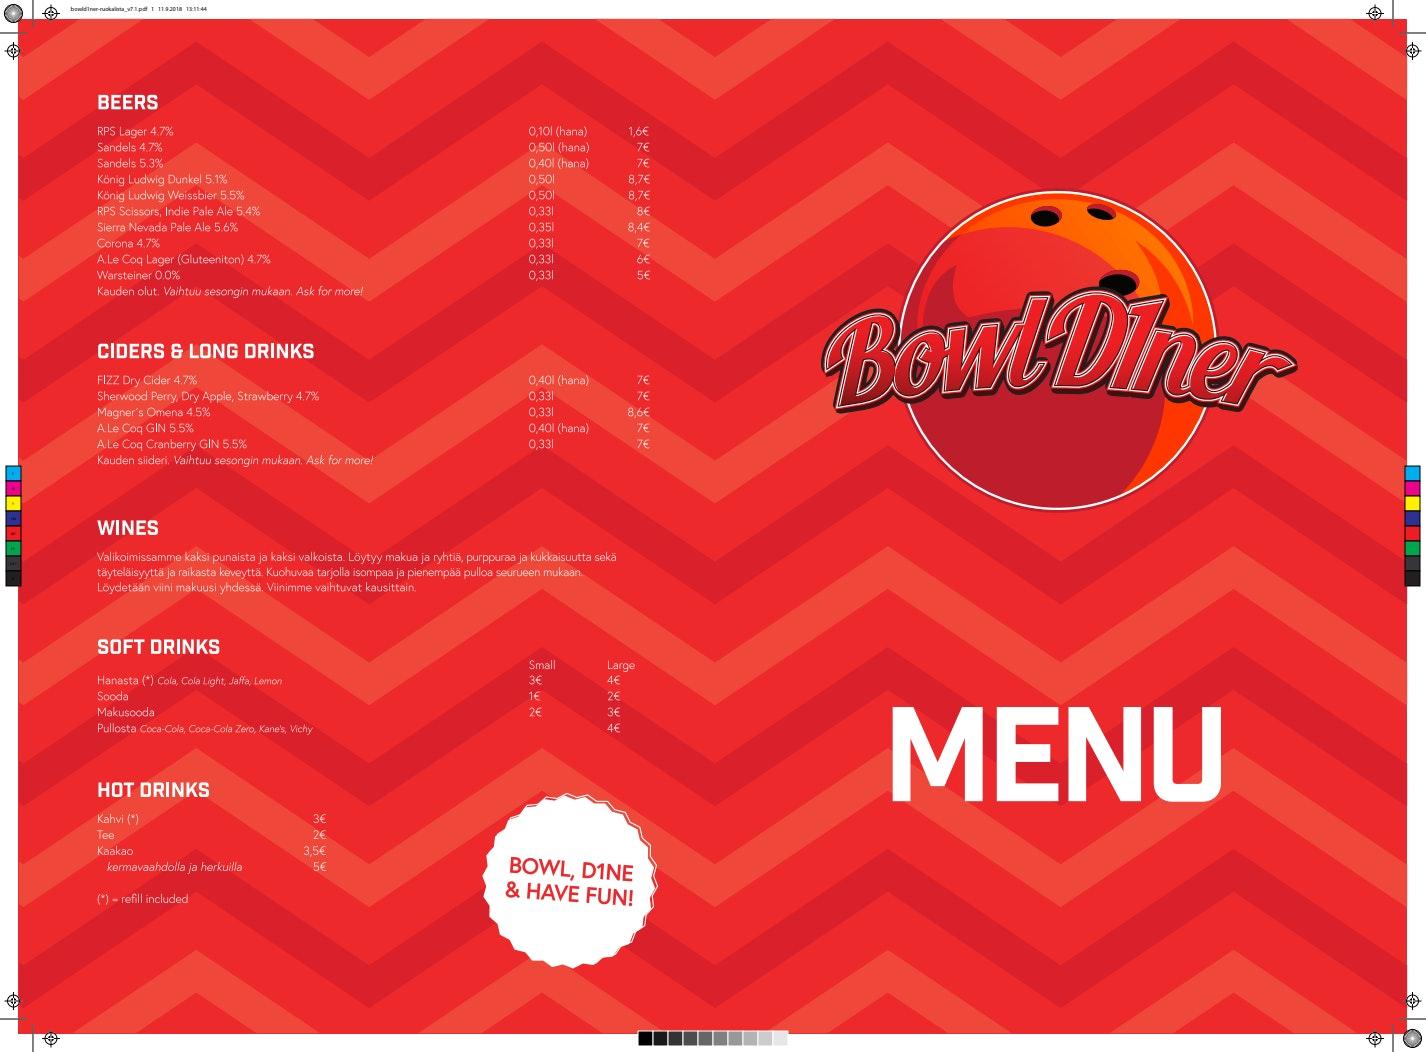 Bowl d1ner menu 2/2